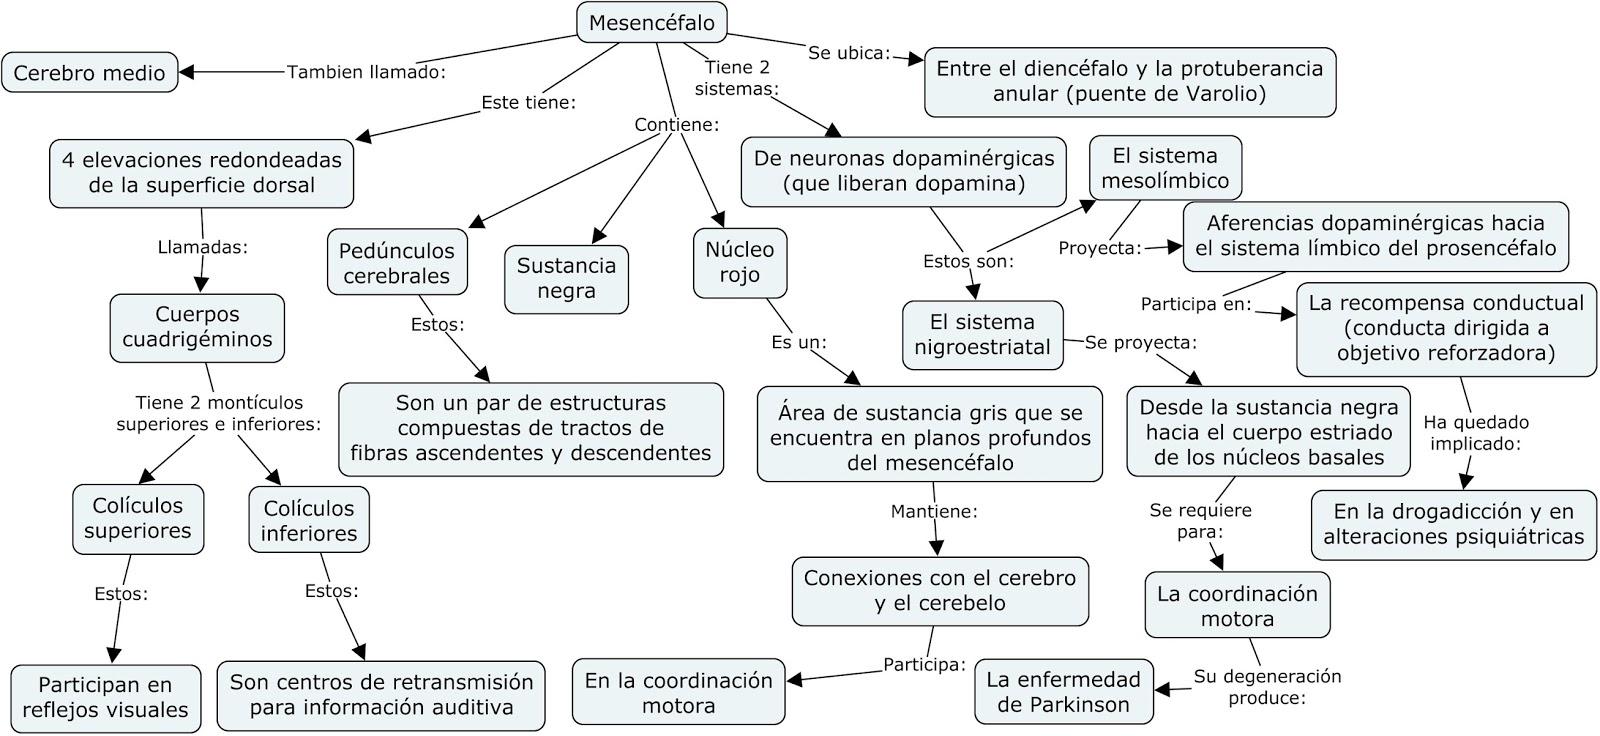 6.2 Mesencéfalo - Anatomia del sistema nervioso y organos de los ...